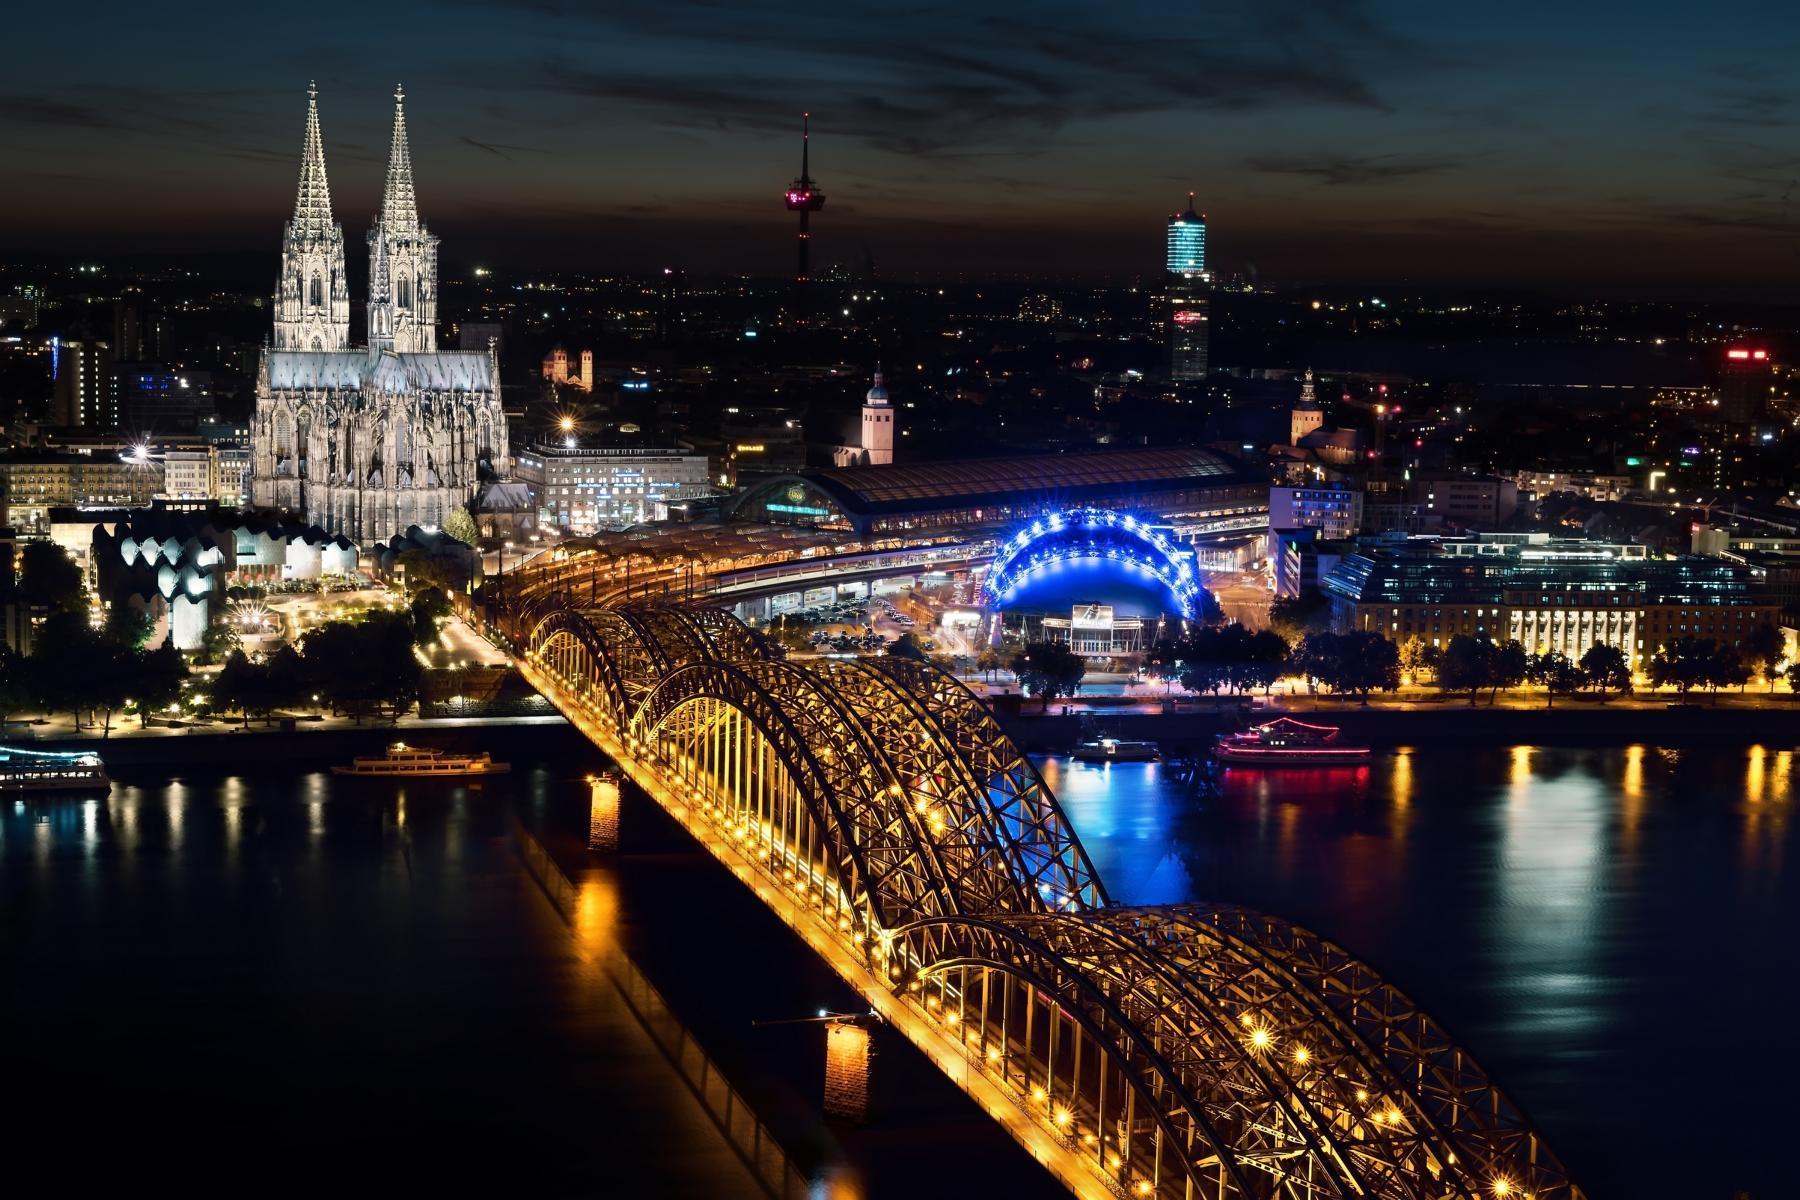 Die Schlaraffenstadt Köln lädt Sie herzlich zum Gourmetfestival ein